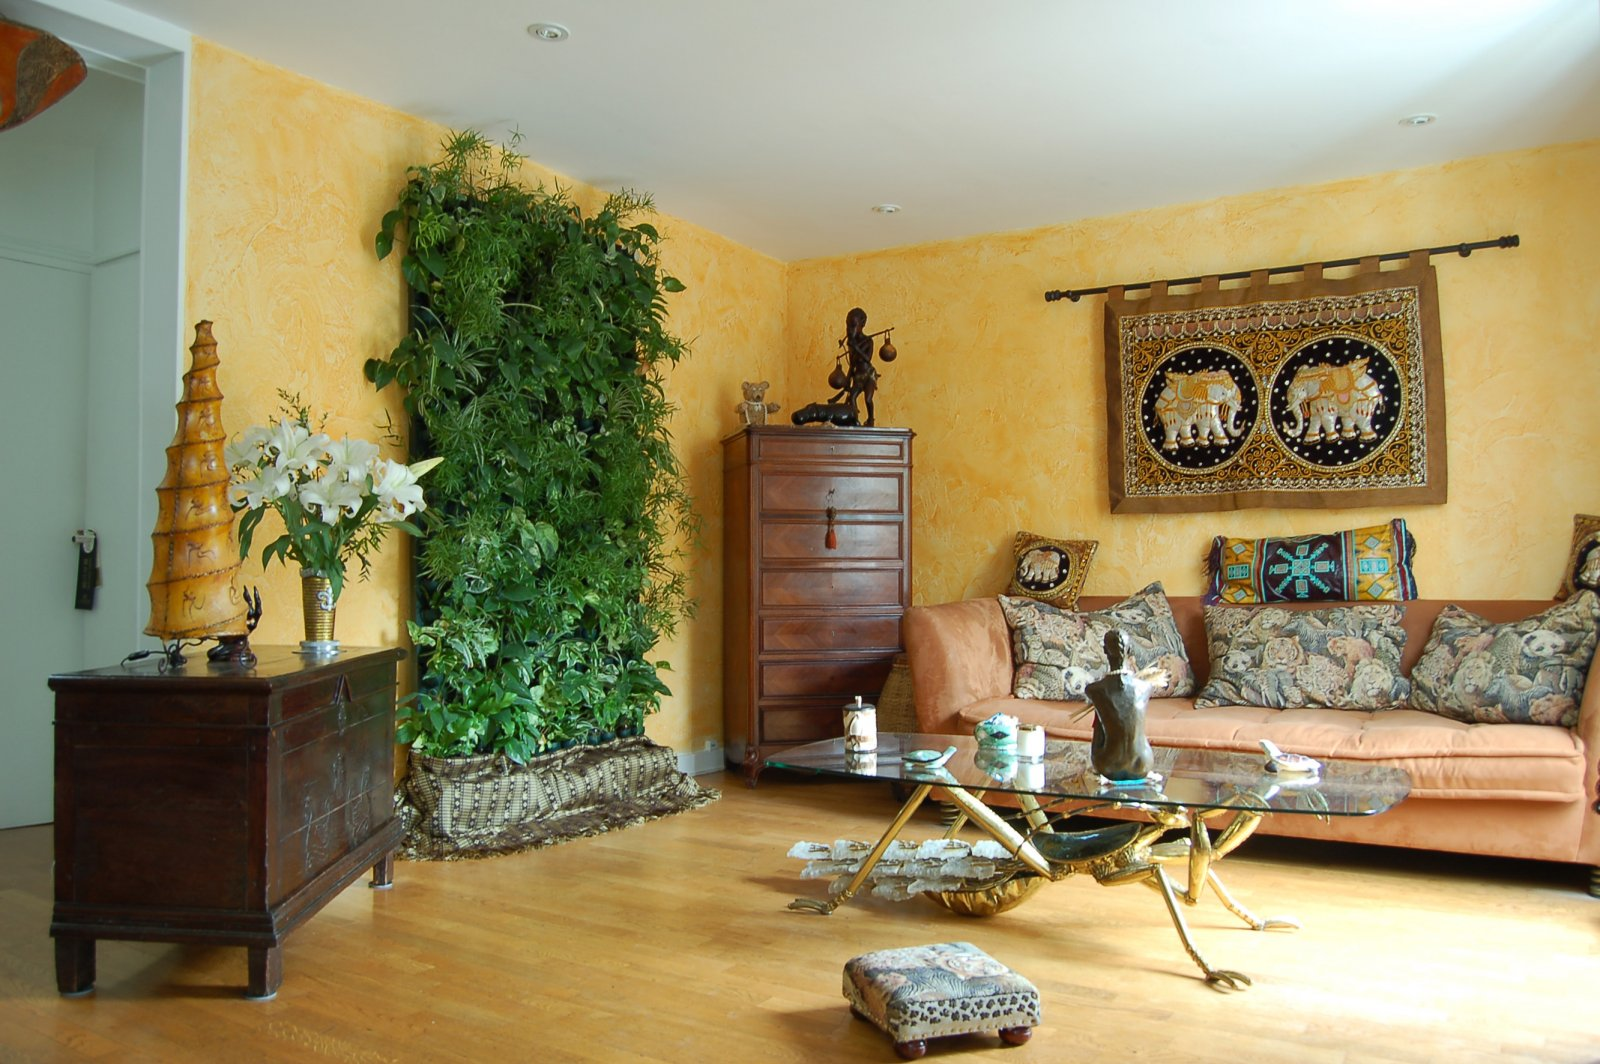 12 bonitas formas de tener plantas de interior - Plantas de interior baratas ...